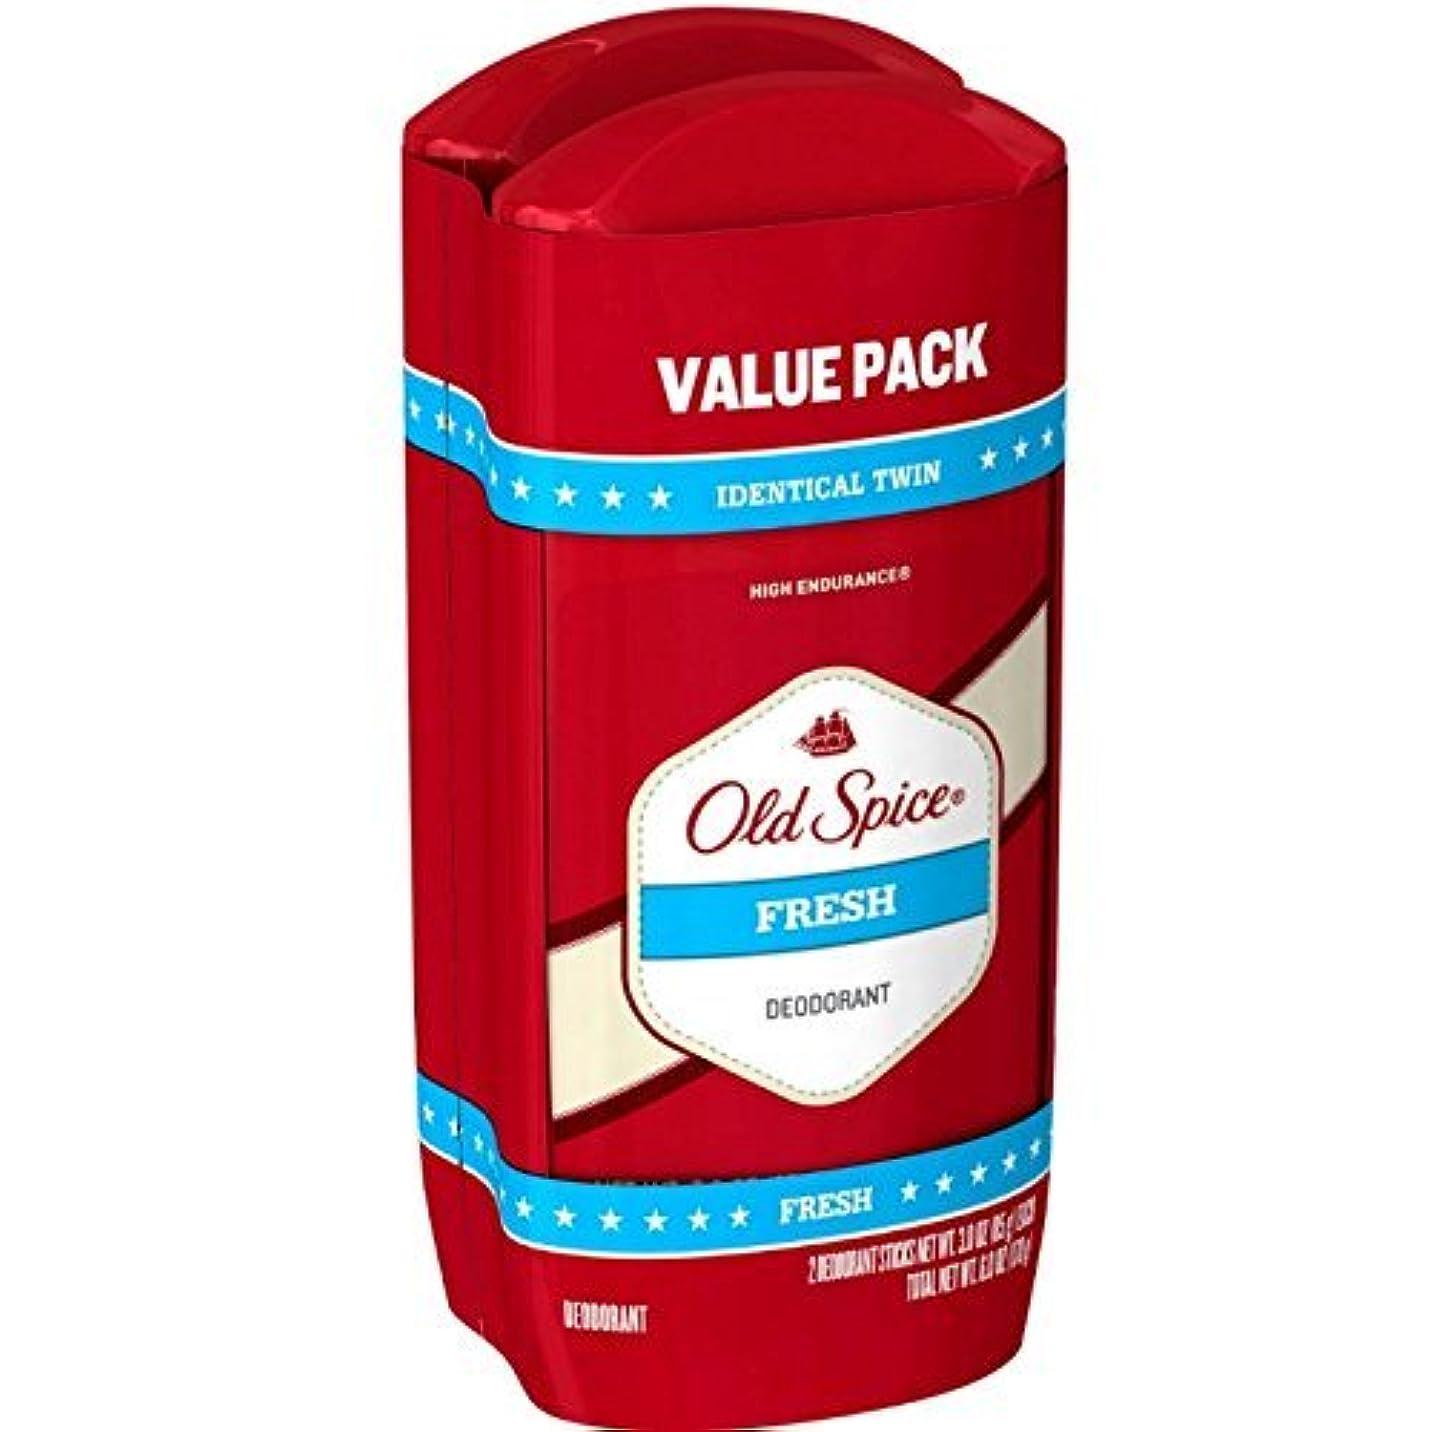 ベーシック肥満条件付きOld Spice デオドラント3オンス新鮮なソリッド二アットワンス(88Ml)(2パック)